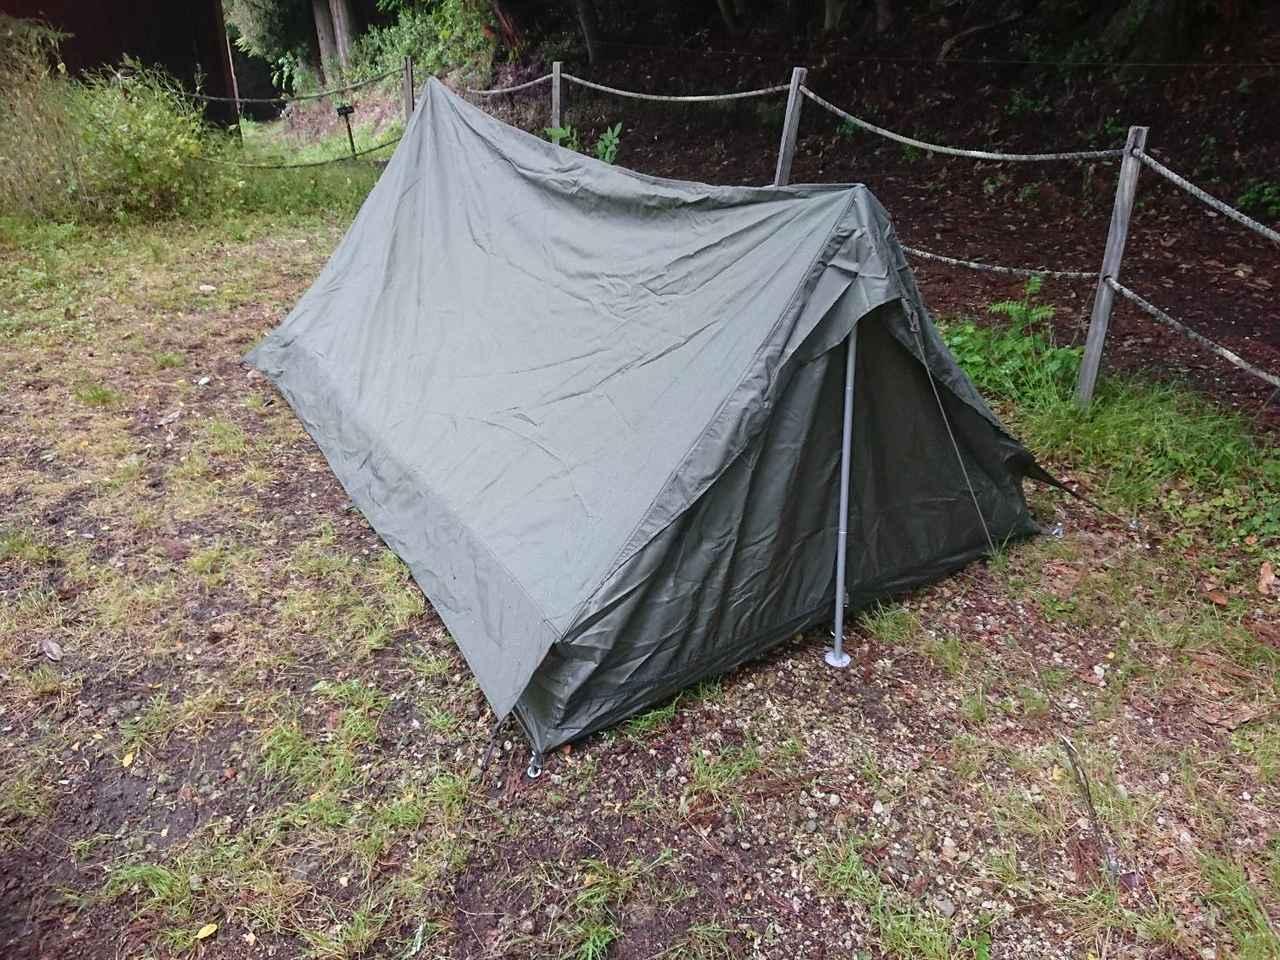 【F1テントレビュー】ソロキャンプにおすすめ! 被り知らずの最強軍用テントを使ってみた